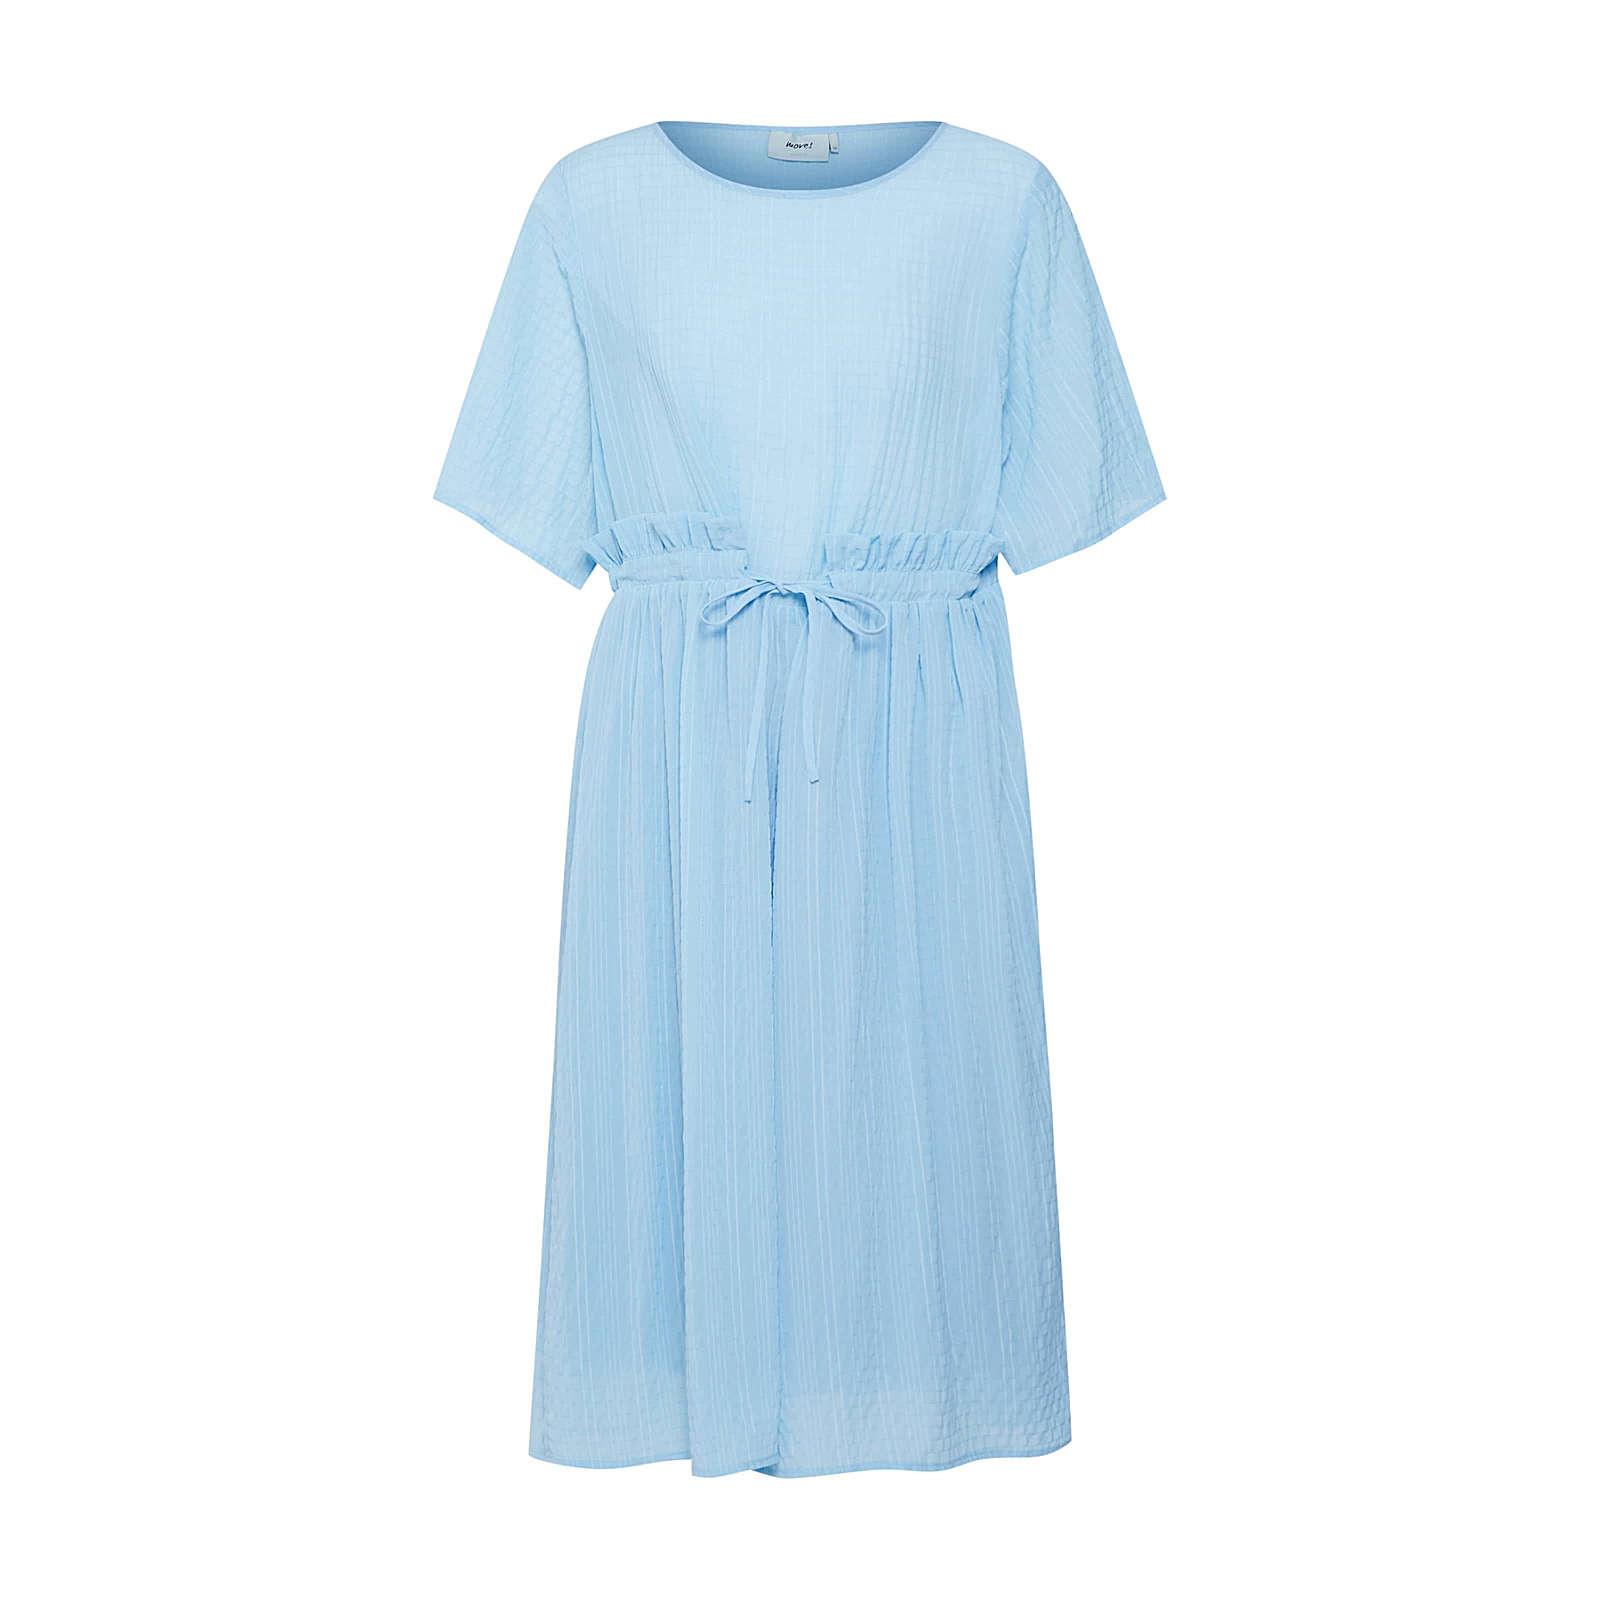 Moves Sommerkleid Sommerkleider blau Damen Gr. 36